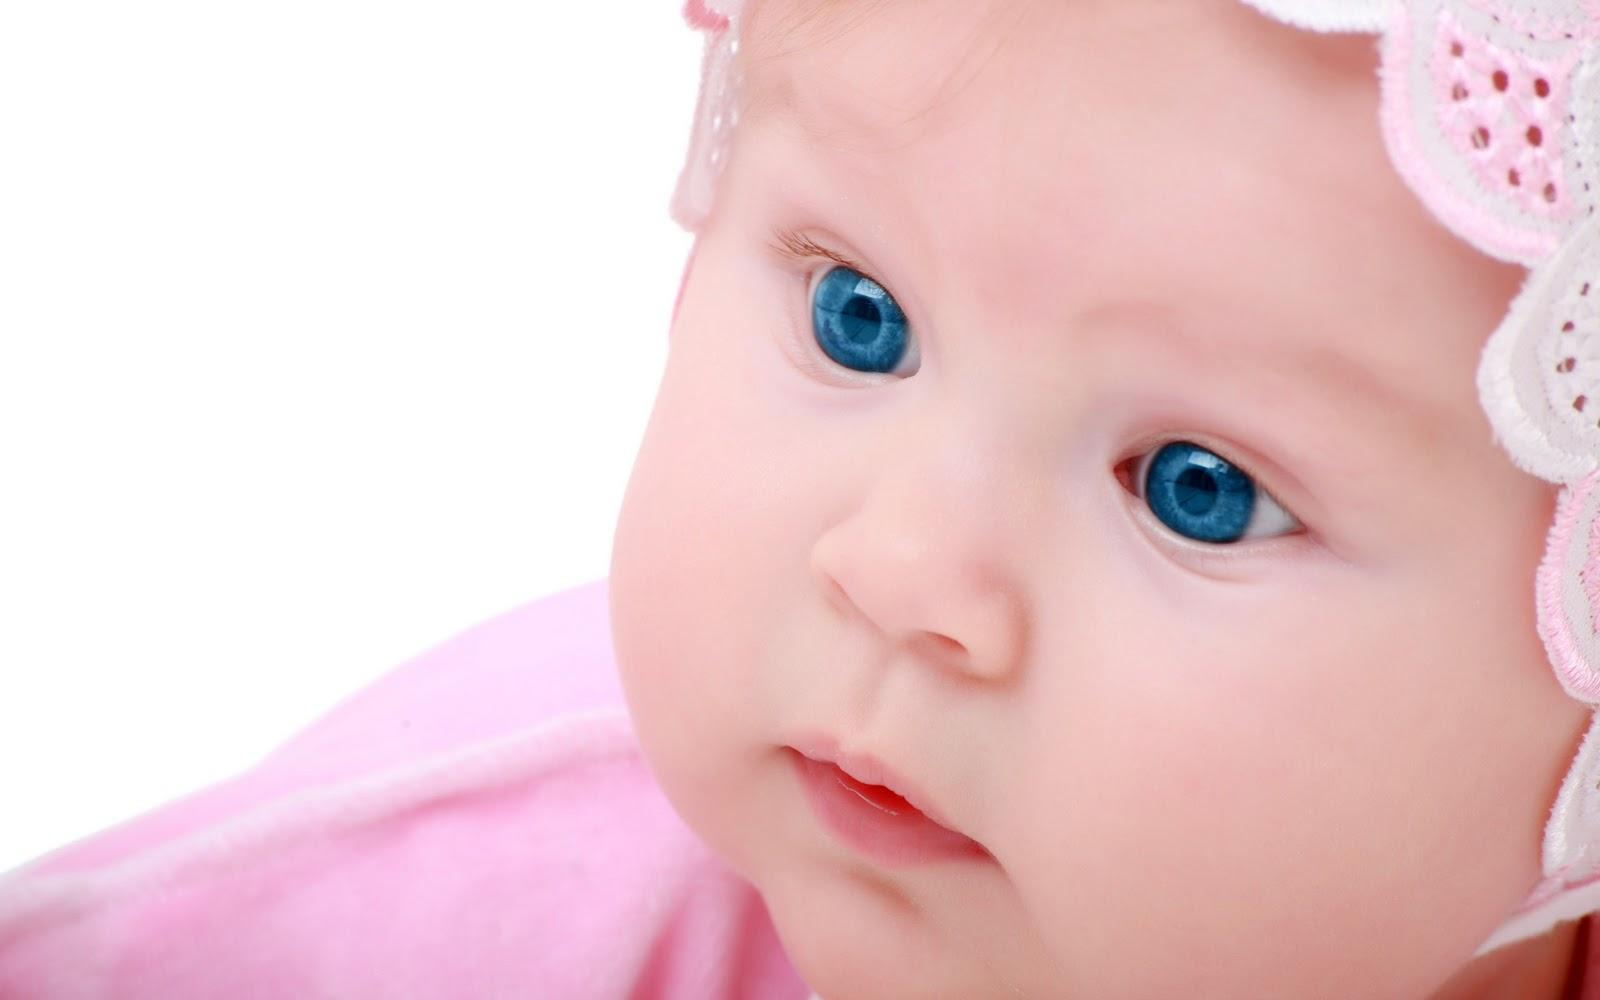 http://4.bp.blogspot.com/-__3_5PRsO8g/TirO6E8oNJI/AAAAAAAAAi0/iJ58TYRfIJg/s1600/Blue-Eyes-Baby-boy-desktop-wallpaper.jpg